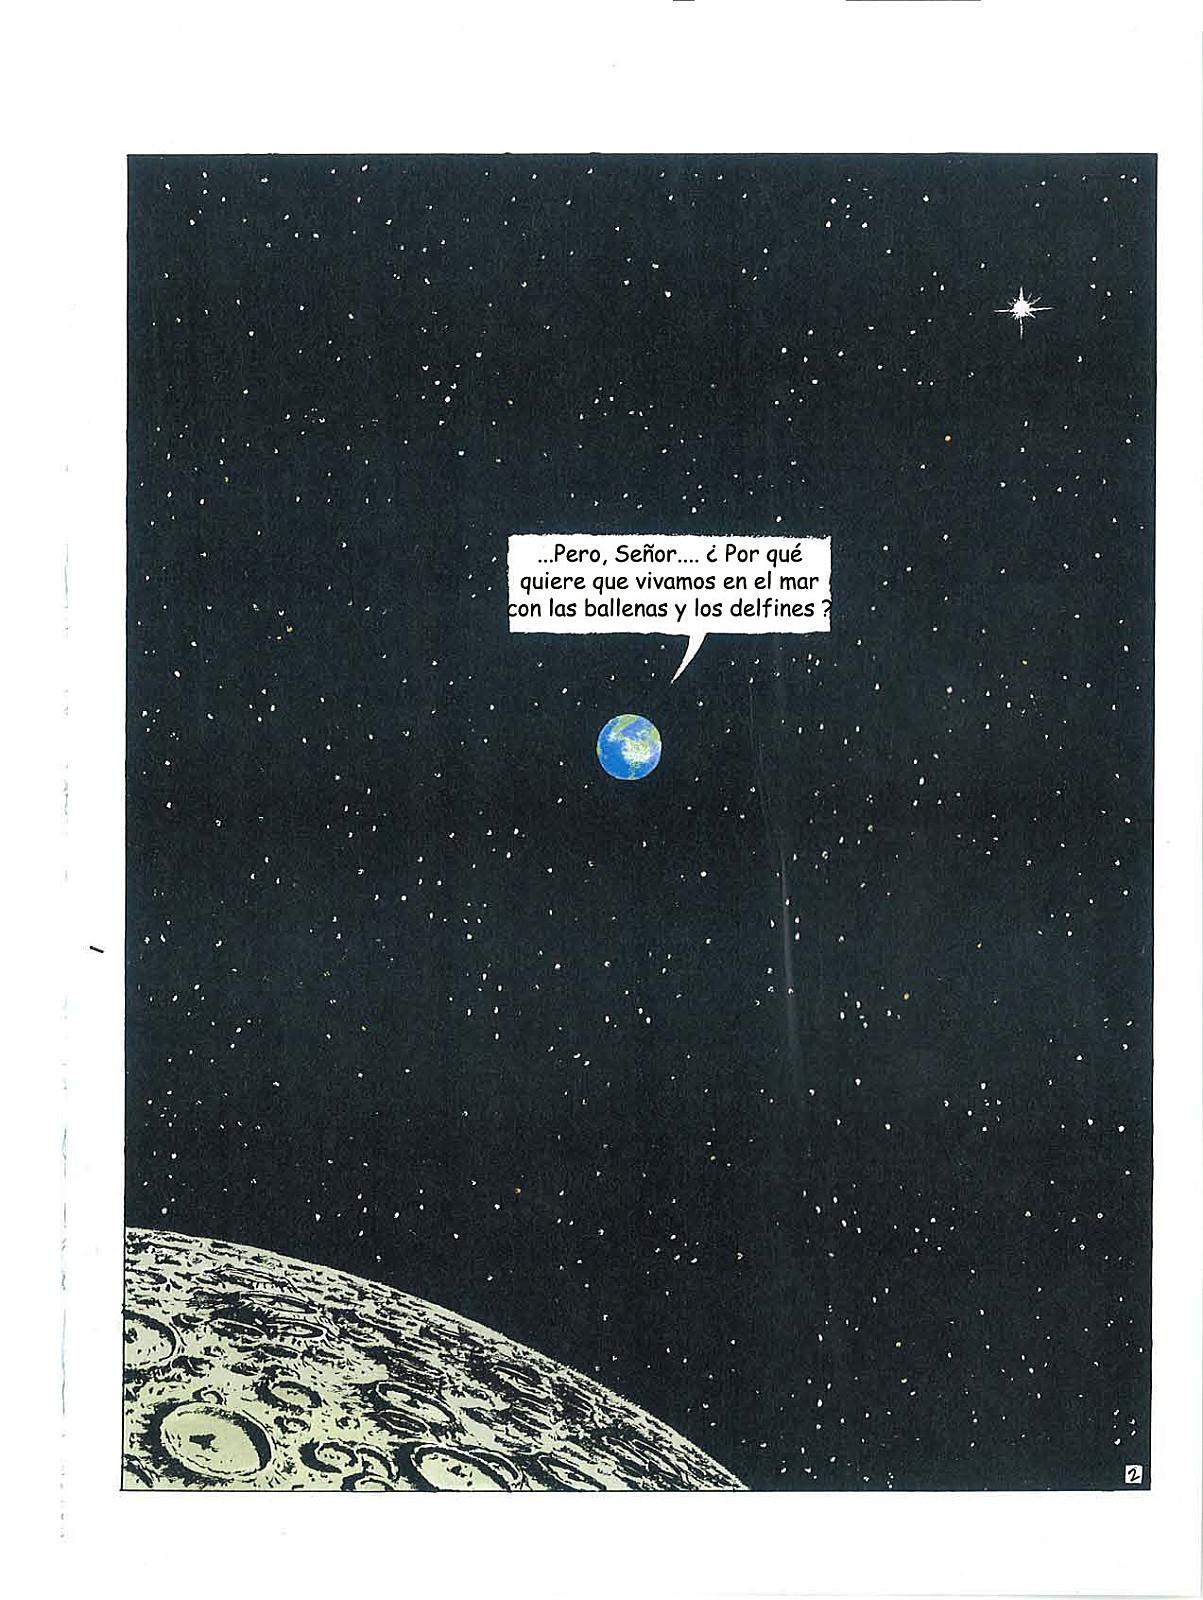 Les patantes aventures d 39 emile bravo blog non officiel en attendant une traduction - Plan sur la comete ...